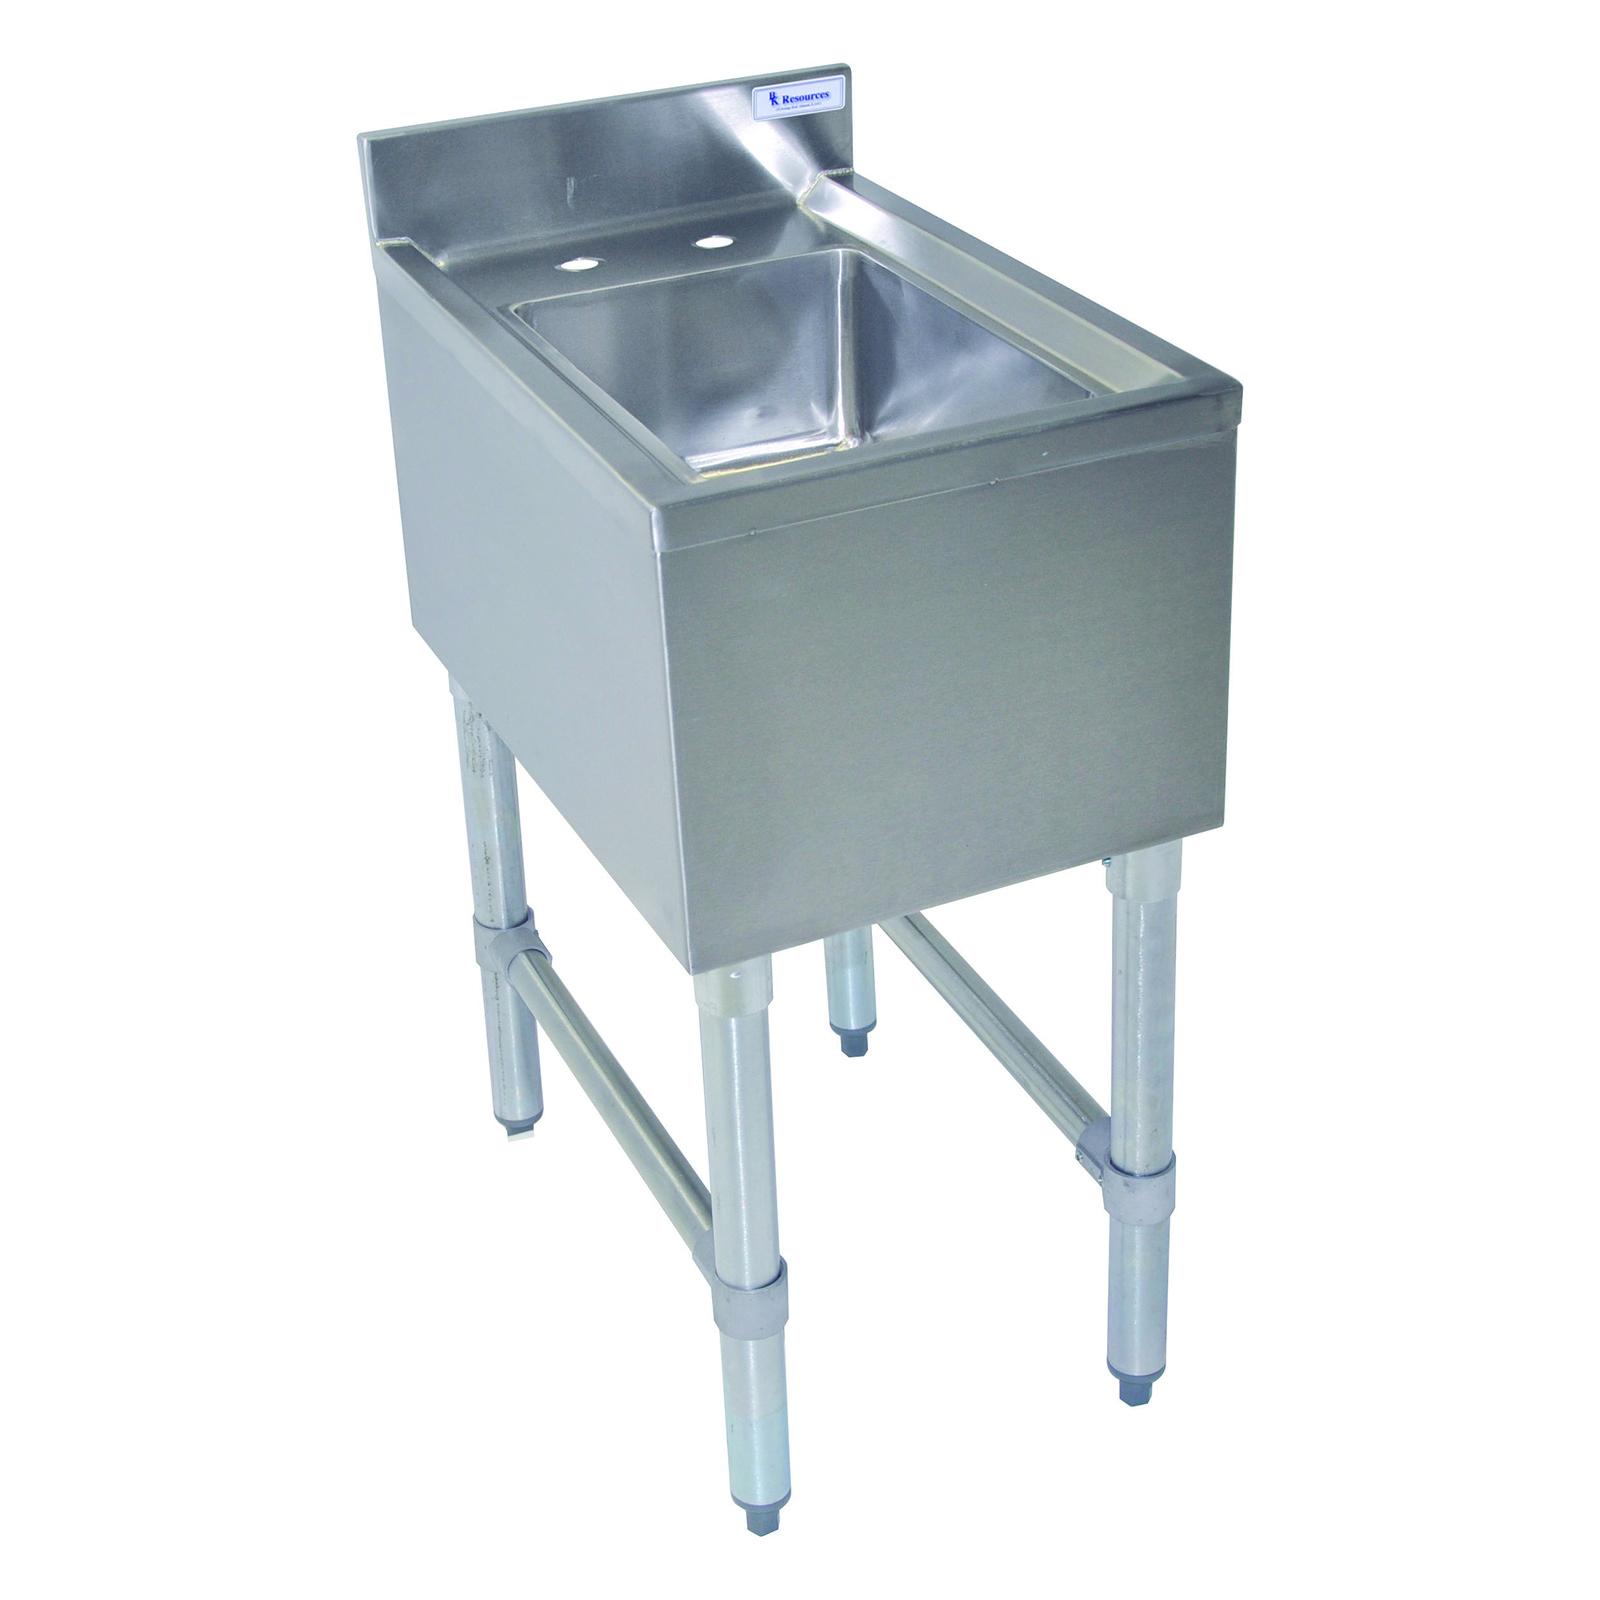 BK Resources BKUBS-1014HSS12 underbar sink units